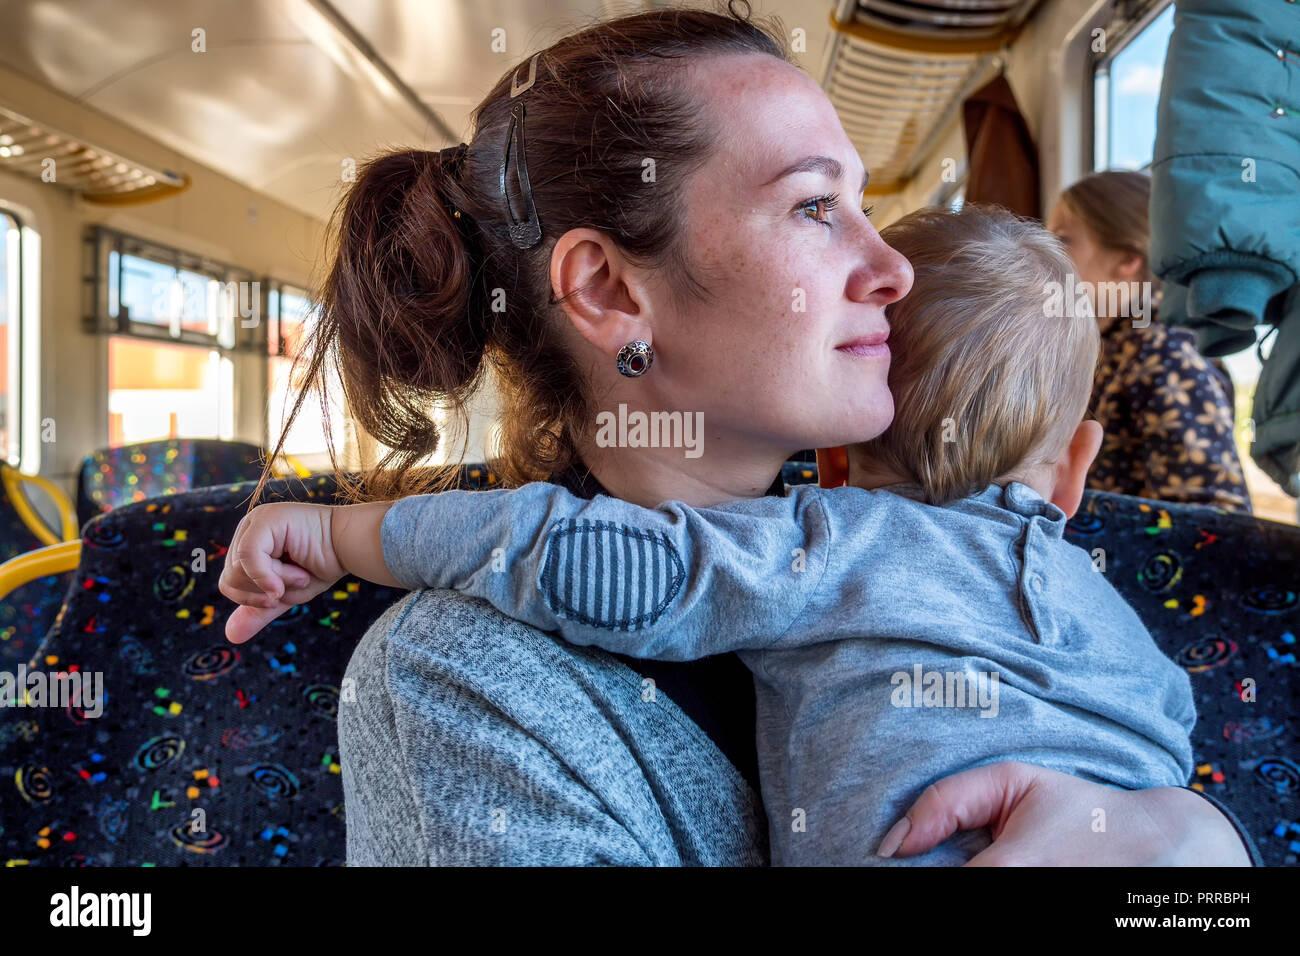 Female Child Pulling Female Baby Stockfotos Female Child Pulling